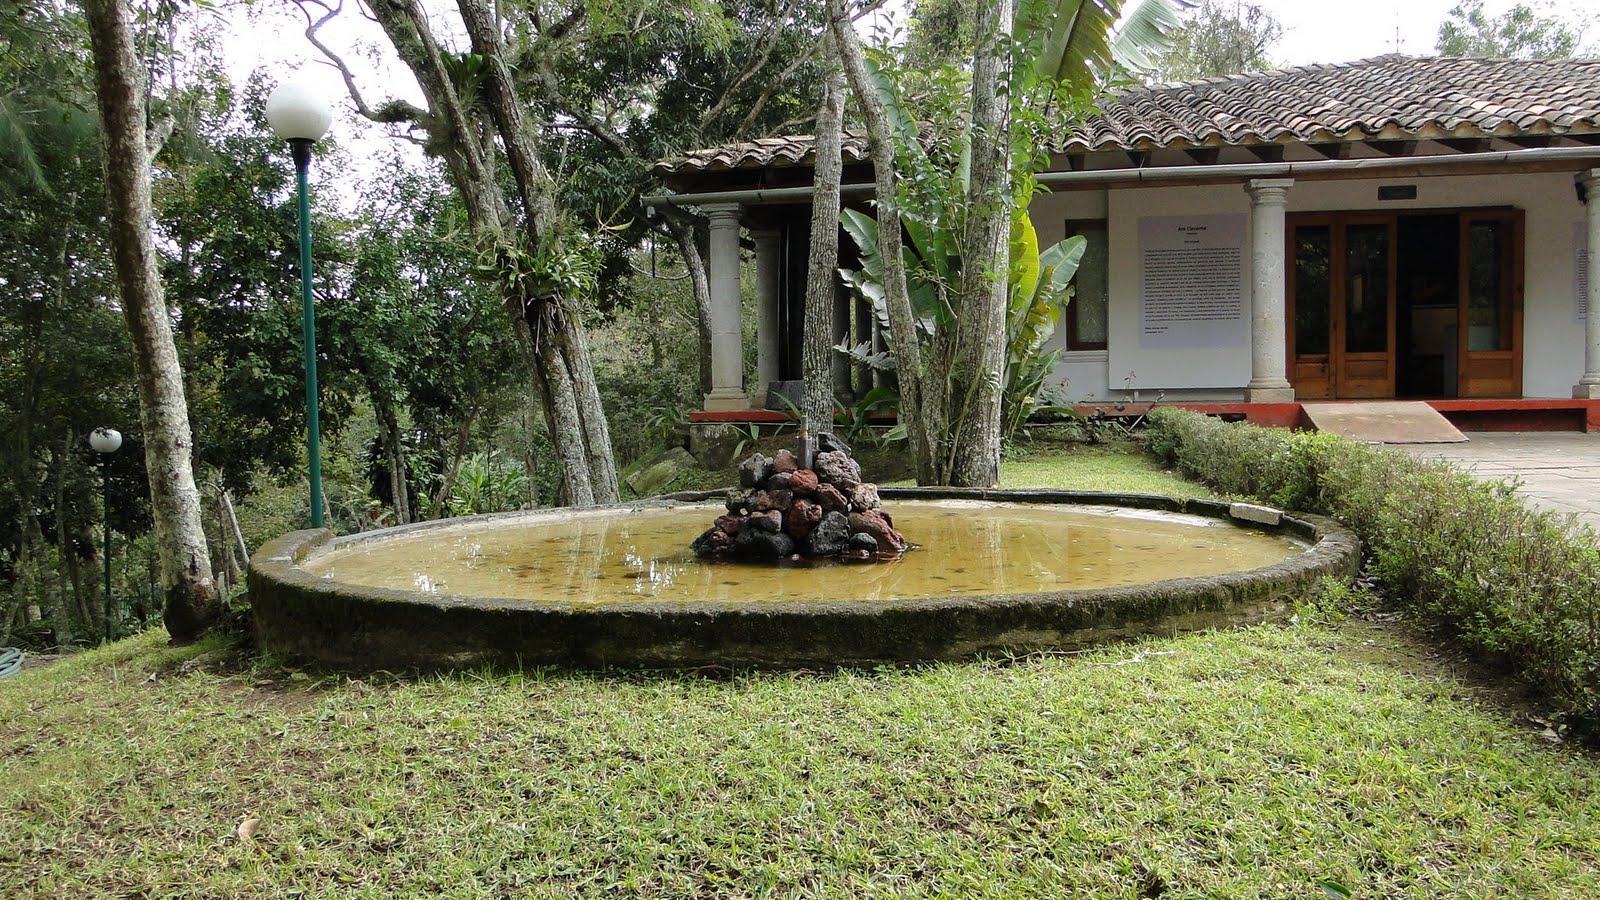 Jard n de las esculturas de xalapa muestra de paisajismo - Esculturas para jardines ...